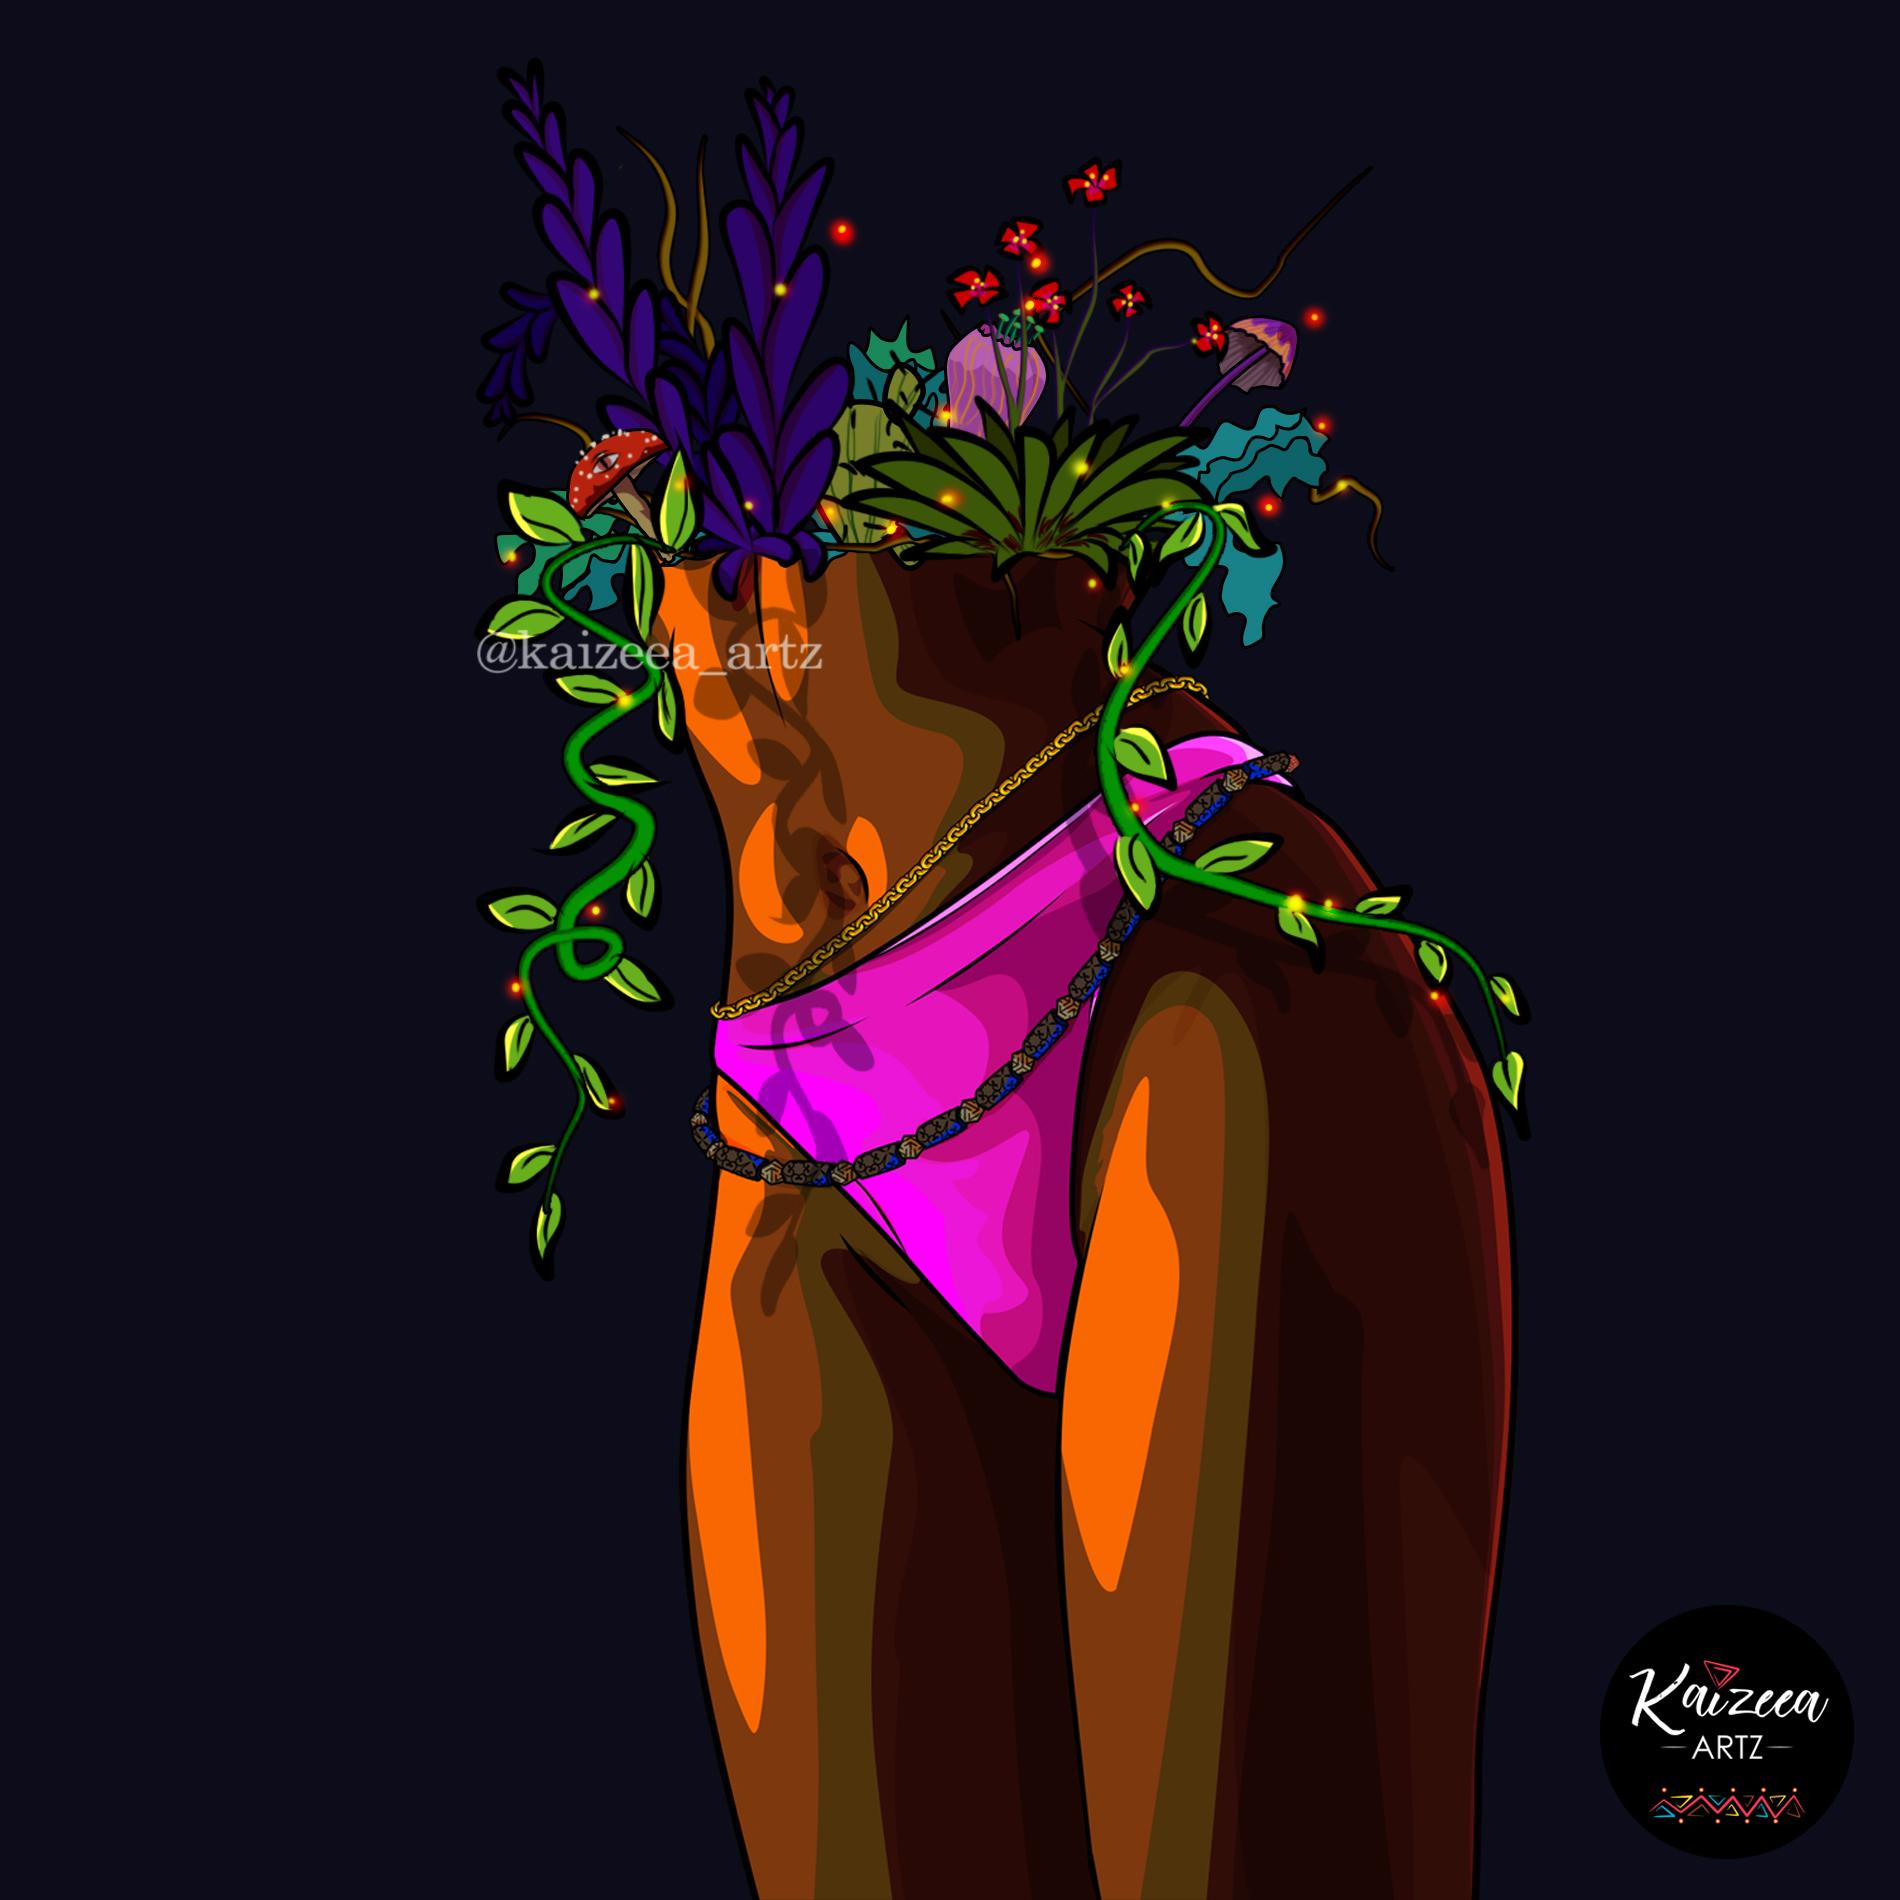 kaizeea kaizeea artz mauricienne artiste ile maurice visual art african art flower fleur bio botanique plant succulent liane garden sexy underwear art cartoon art beads waist beads healing